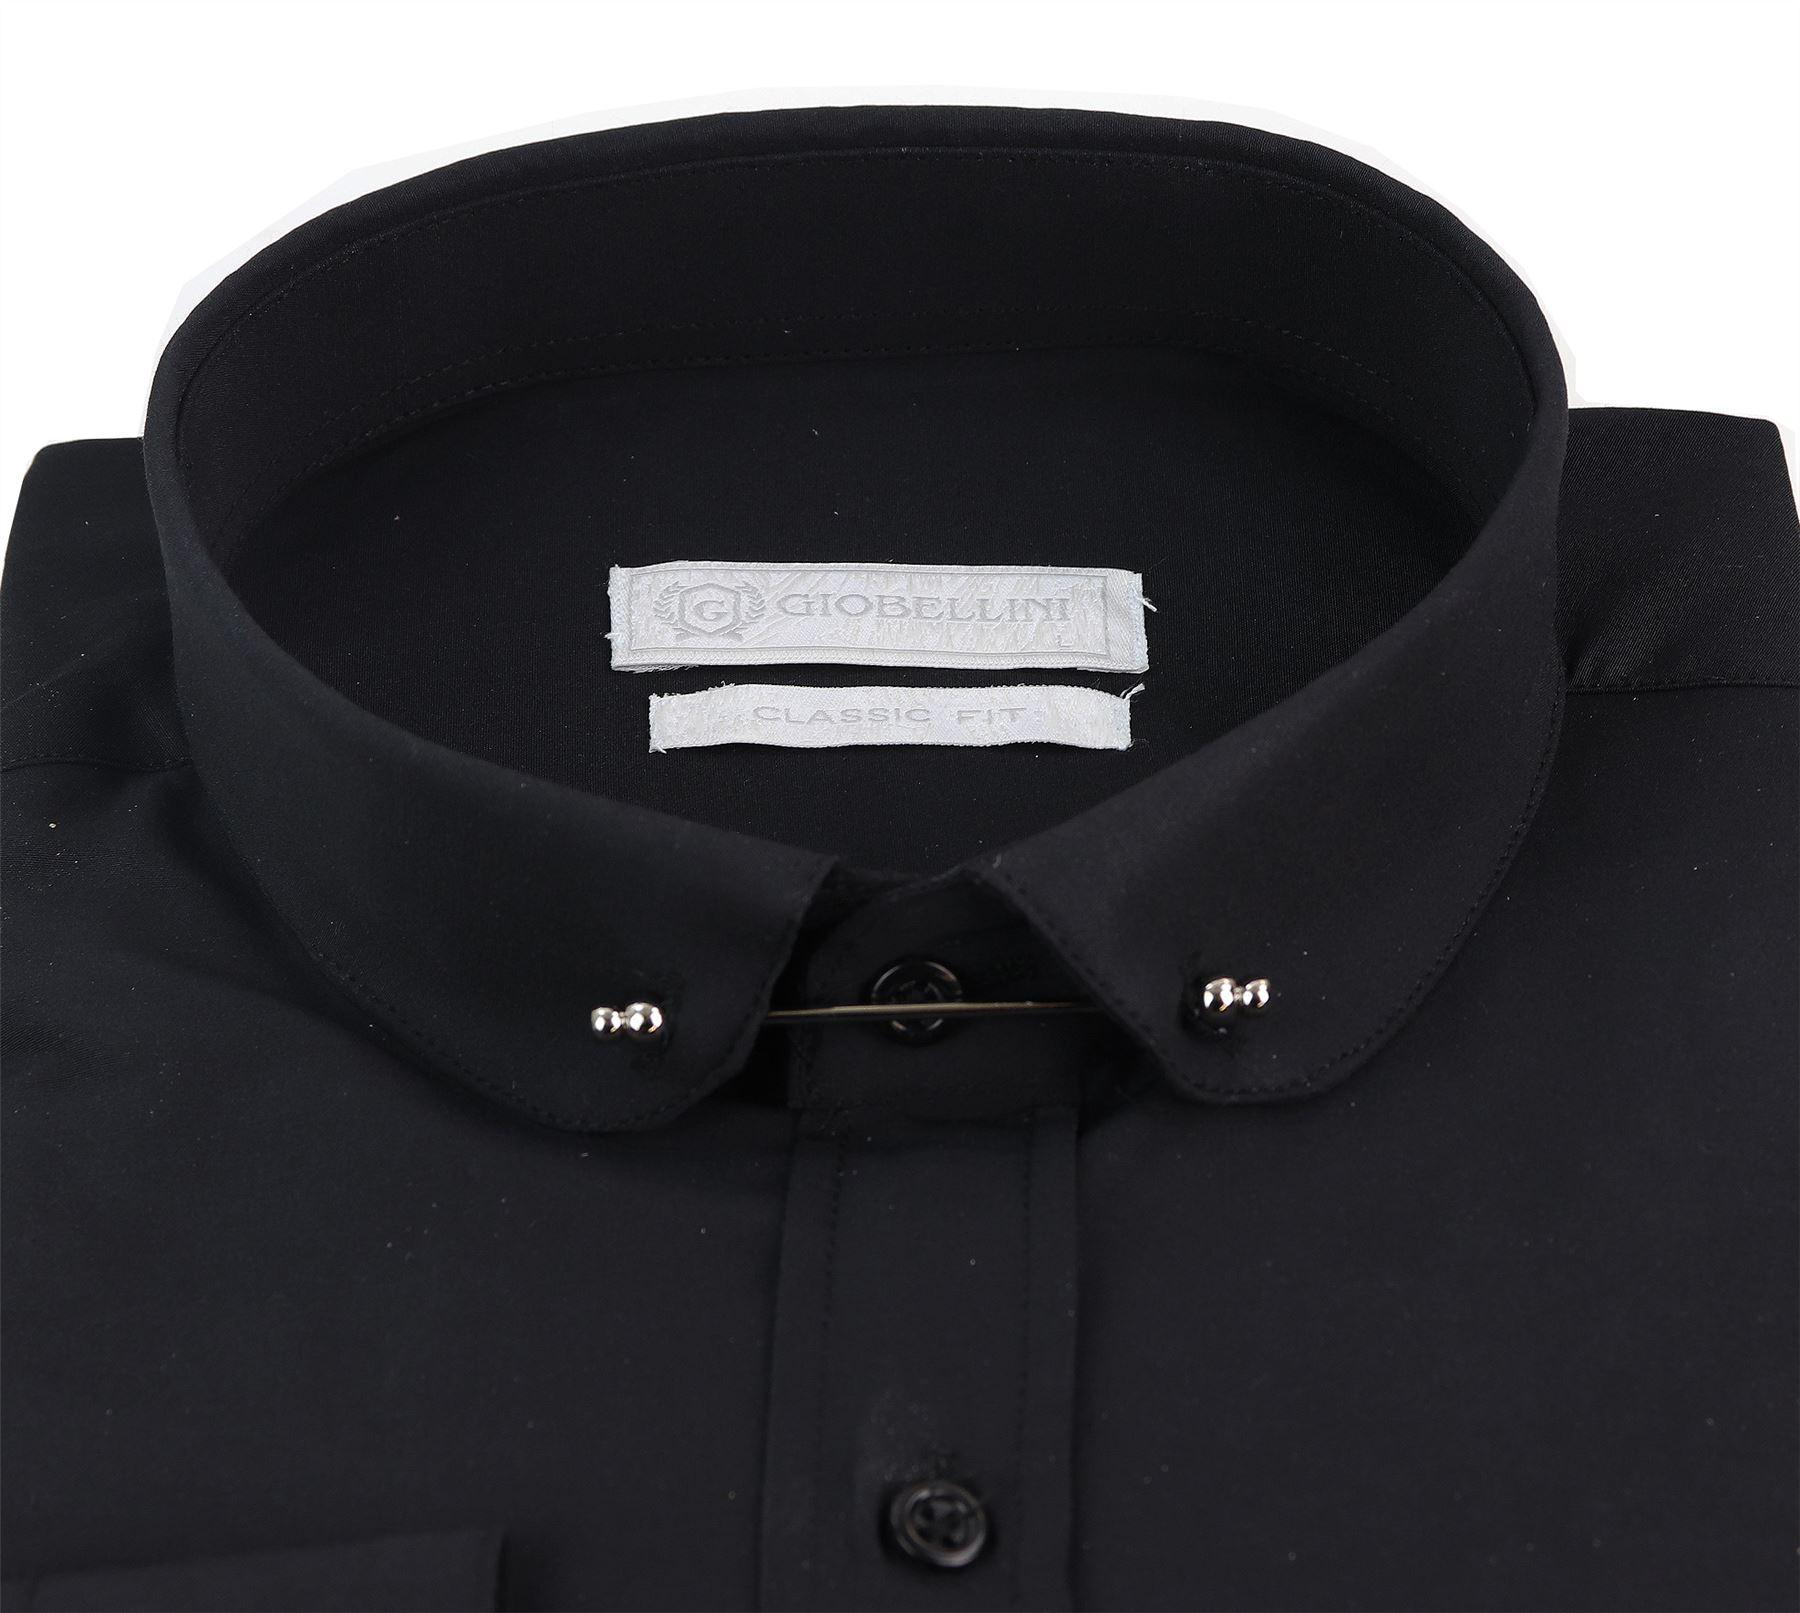 Homme Club col chemise avec barre popeline PIN BLANC NOIR 1920 S patraque oeillères